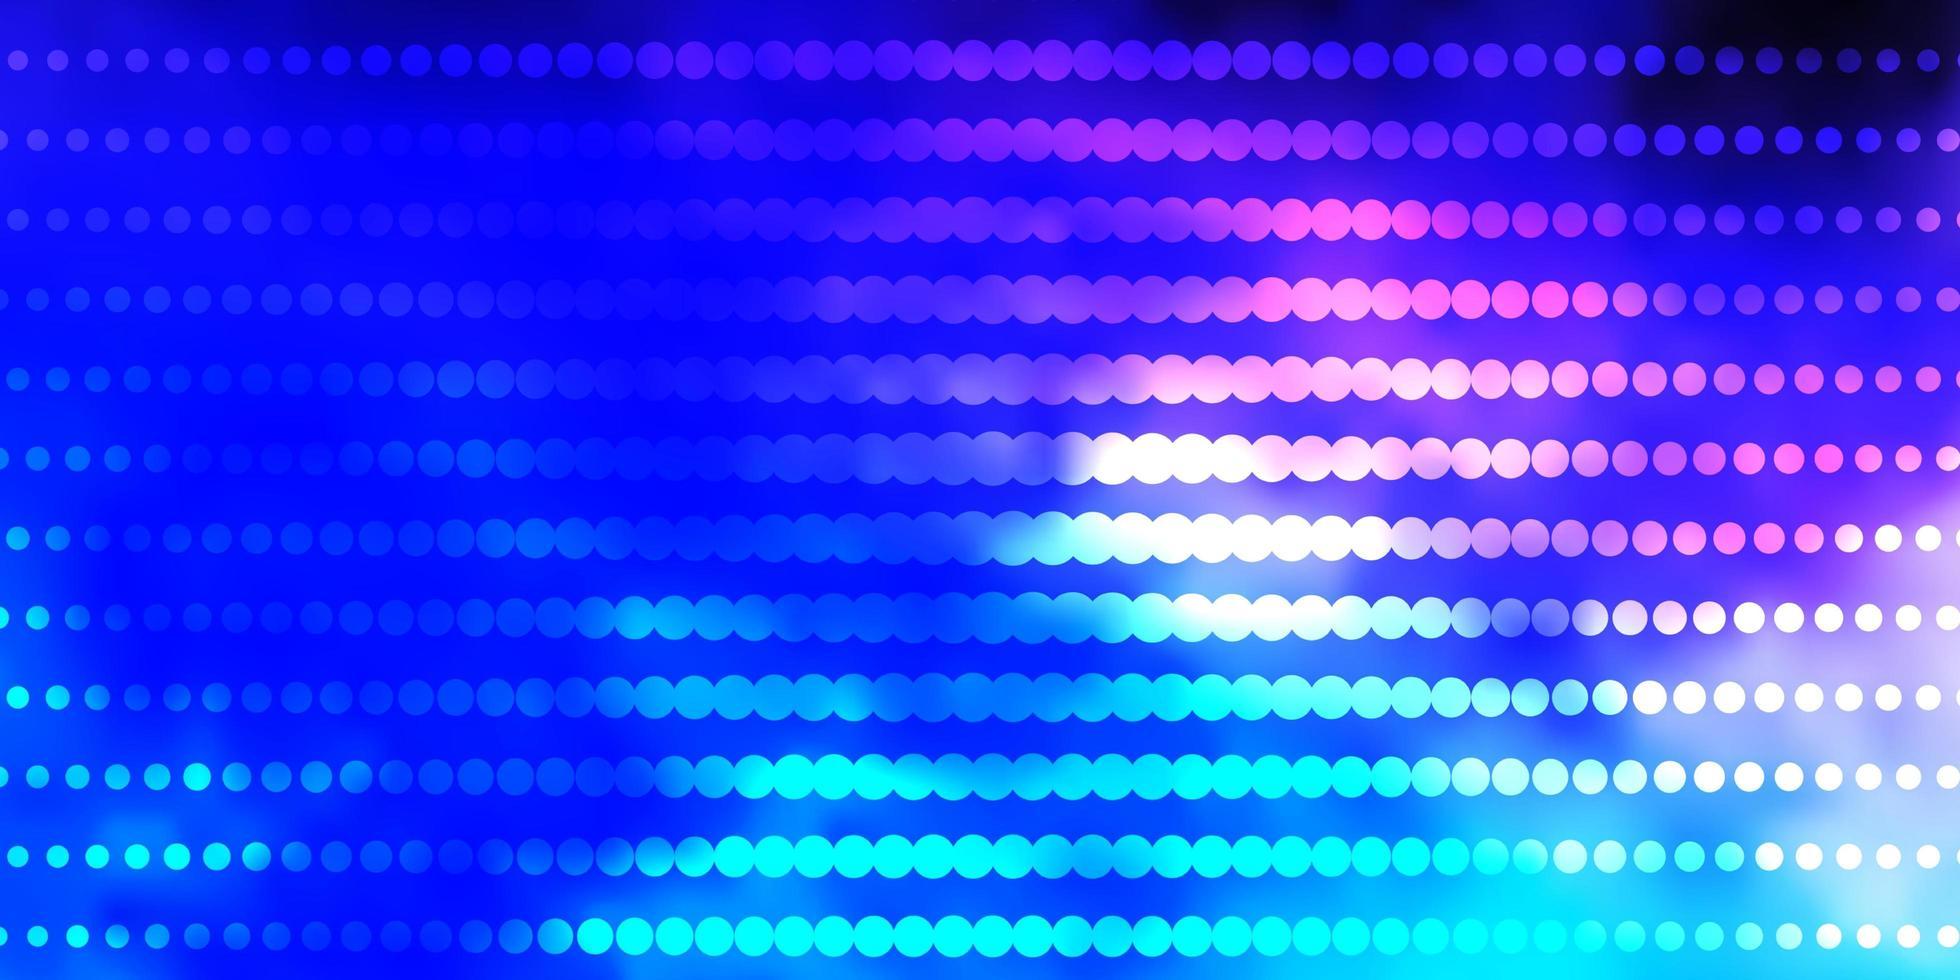 donkerroze, blauw vectorpatroon met cirkels. vector